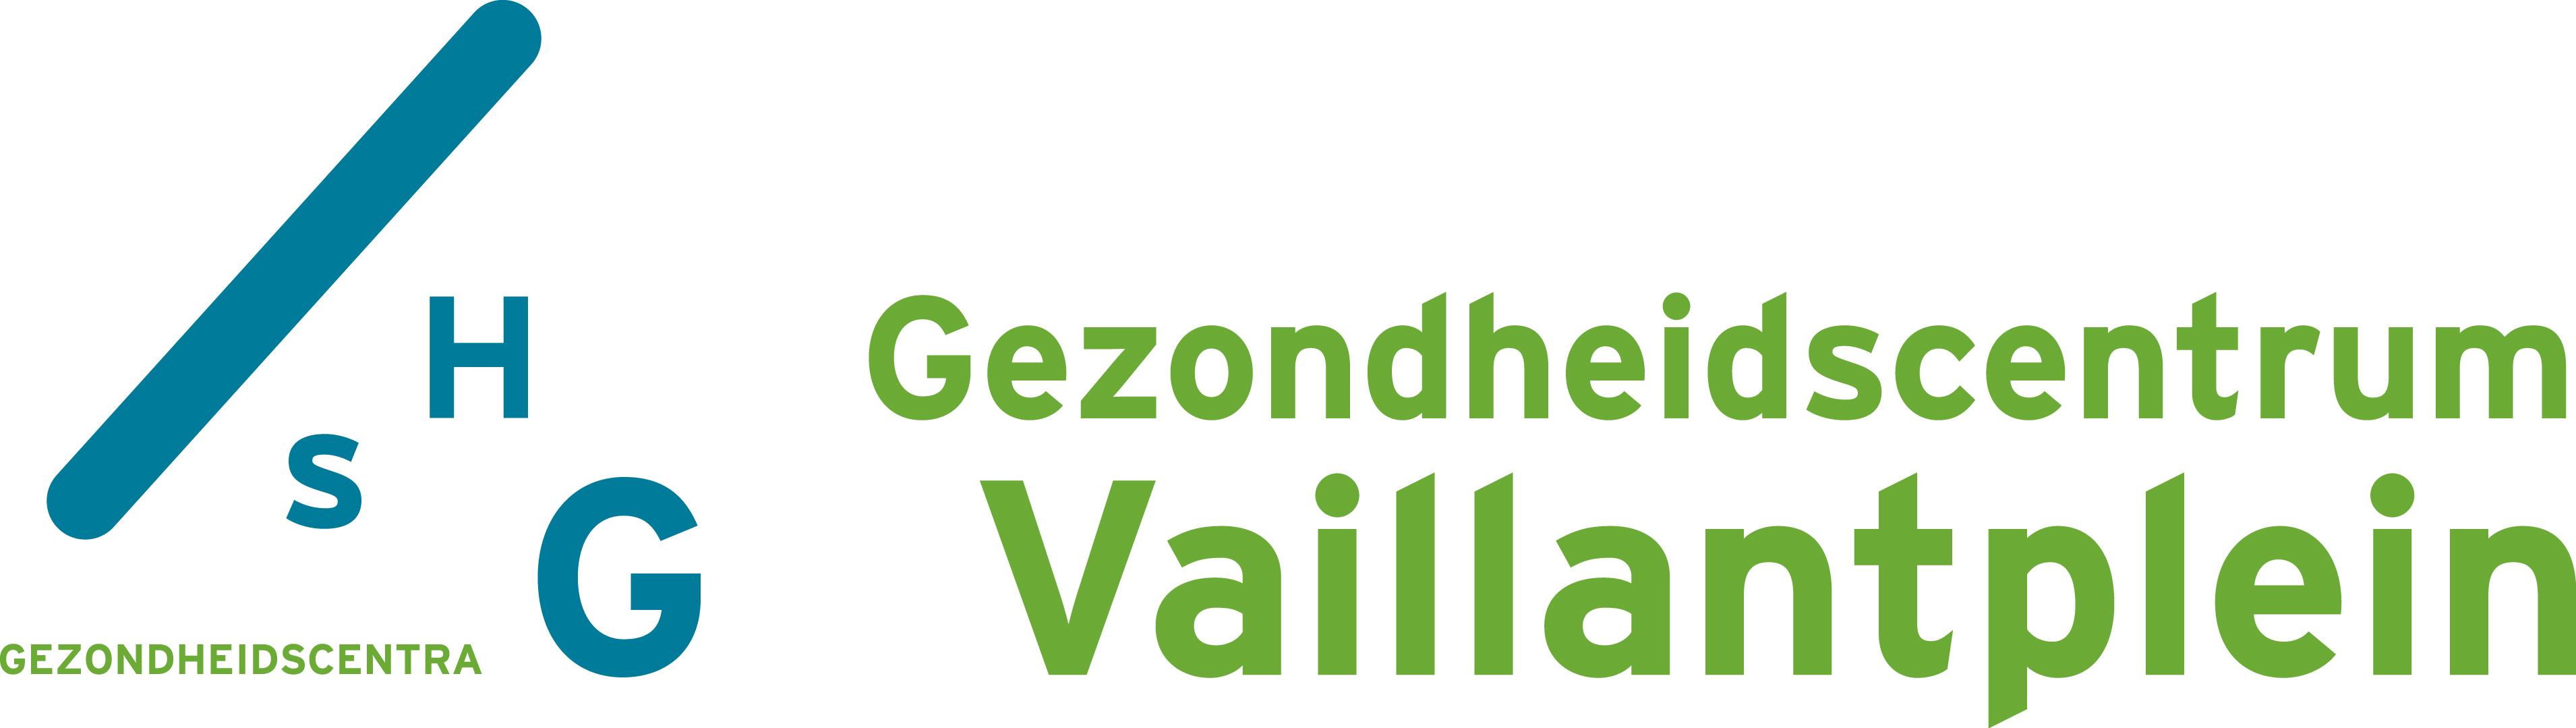 Gezondheidscentrum Vaillantplein